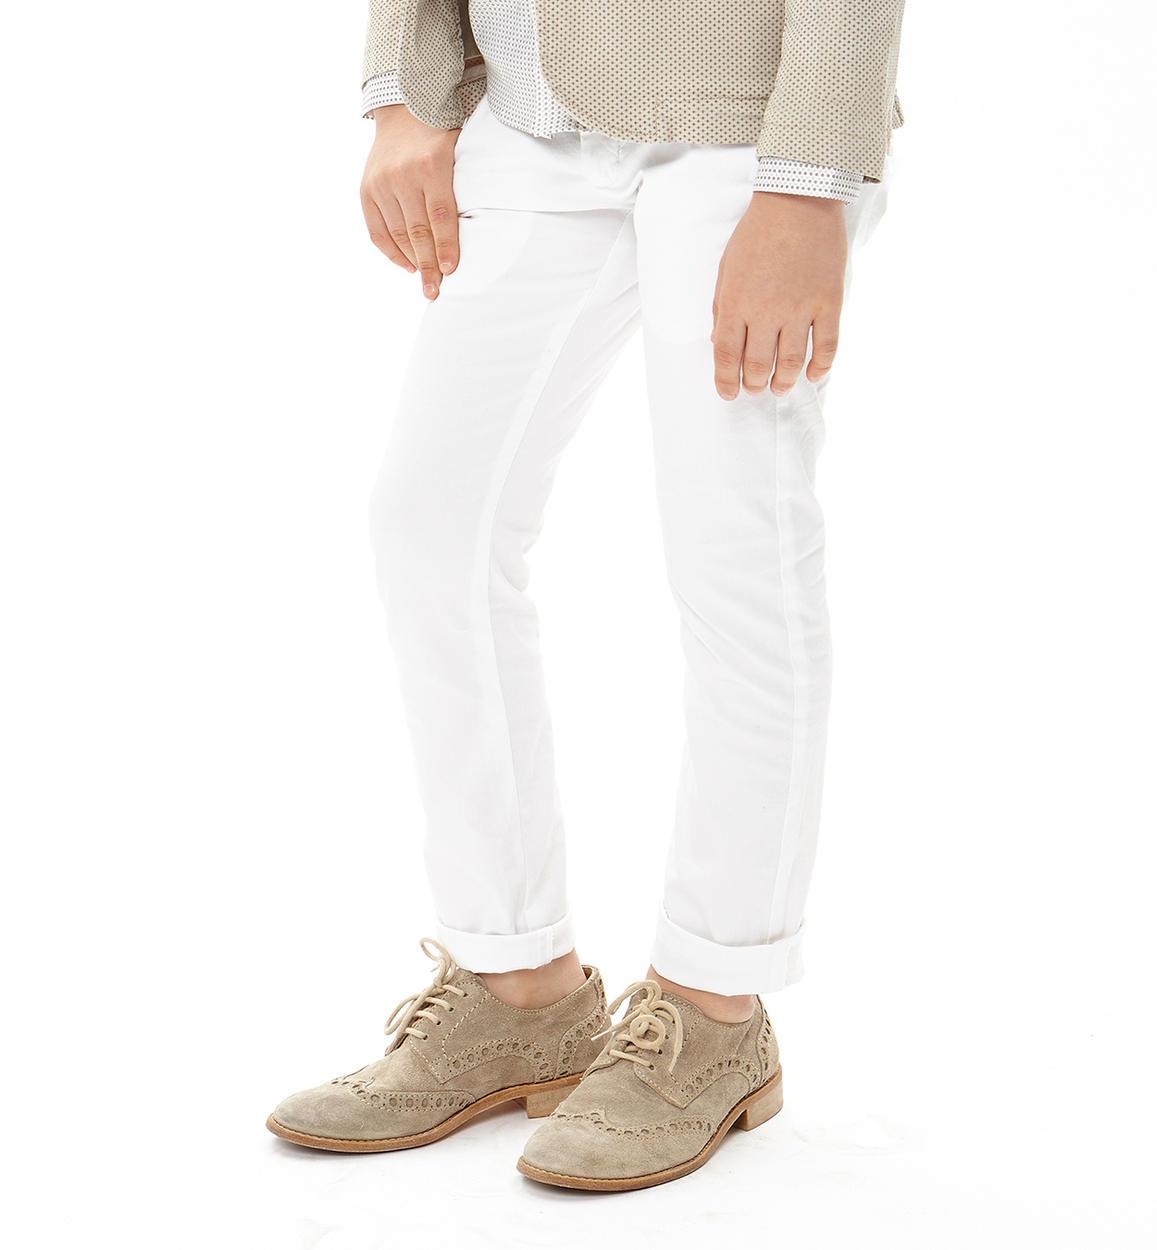 Pantalone modello chinos in cotone elasticizzato per bambino da 3 a 16 anni  iDO 2502d2d35c87